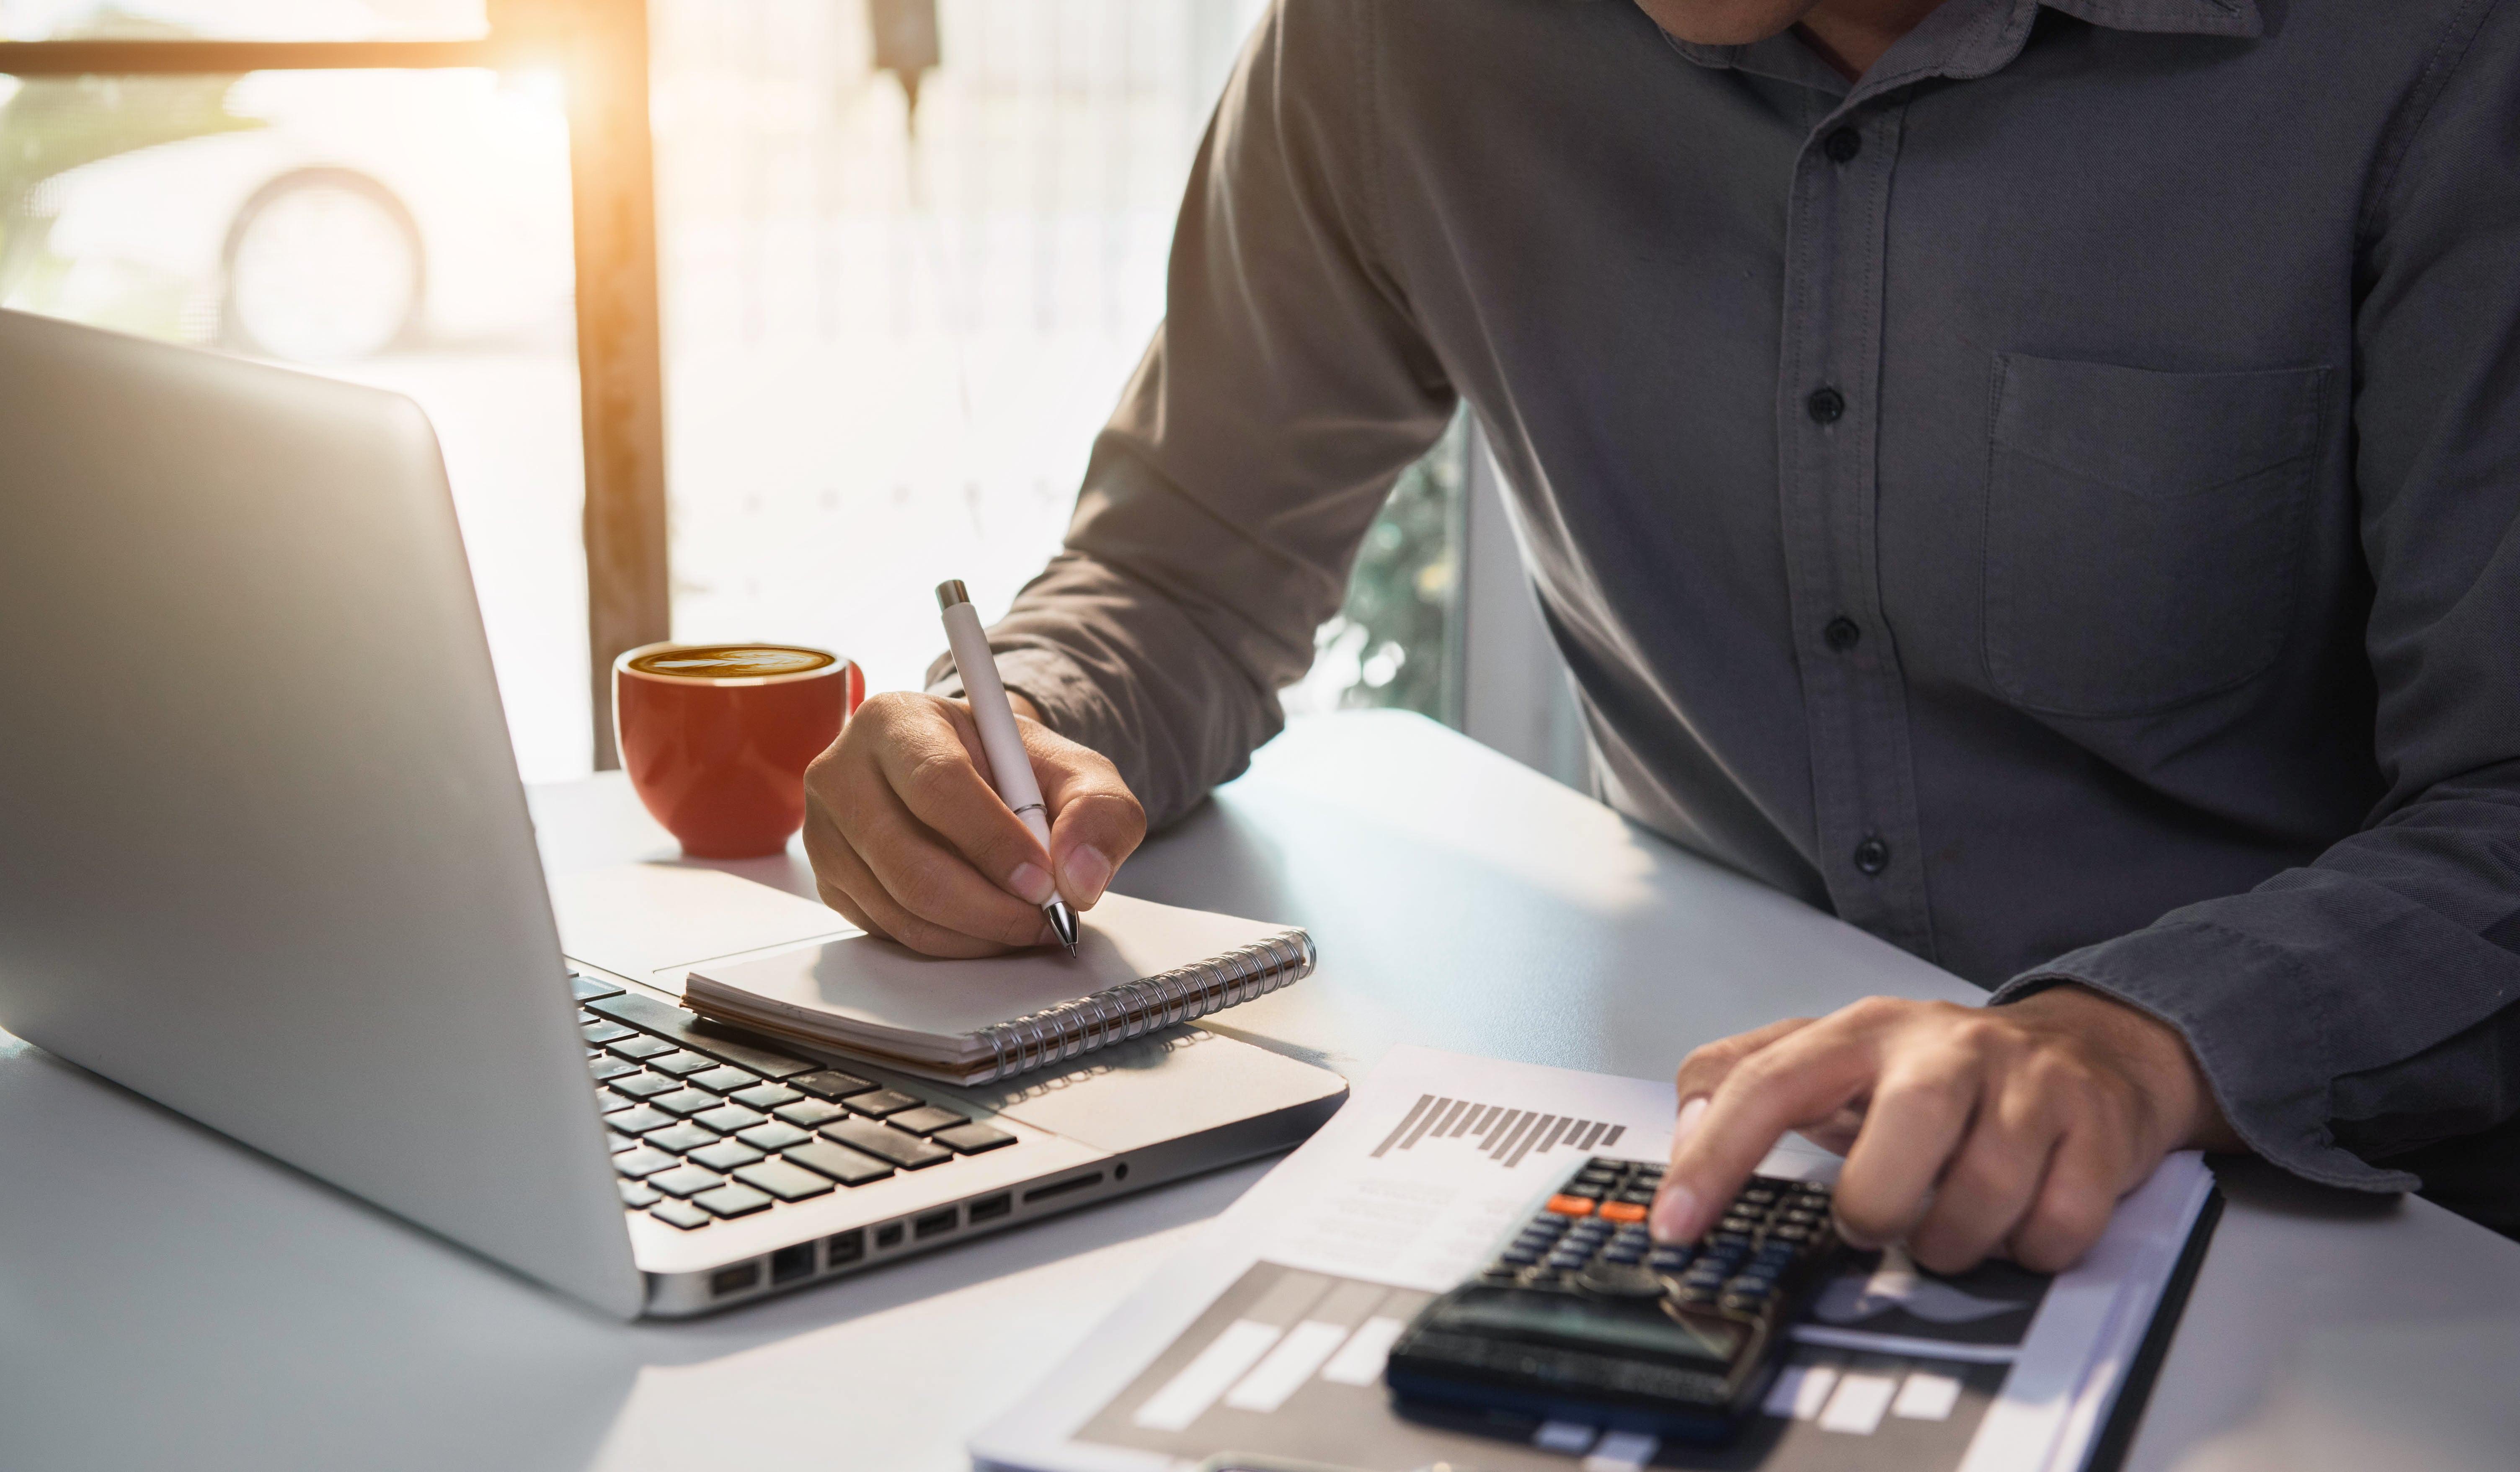 Empreendedorismo e contabilidade: 5 dicas para quem está começando!